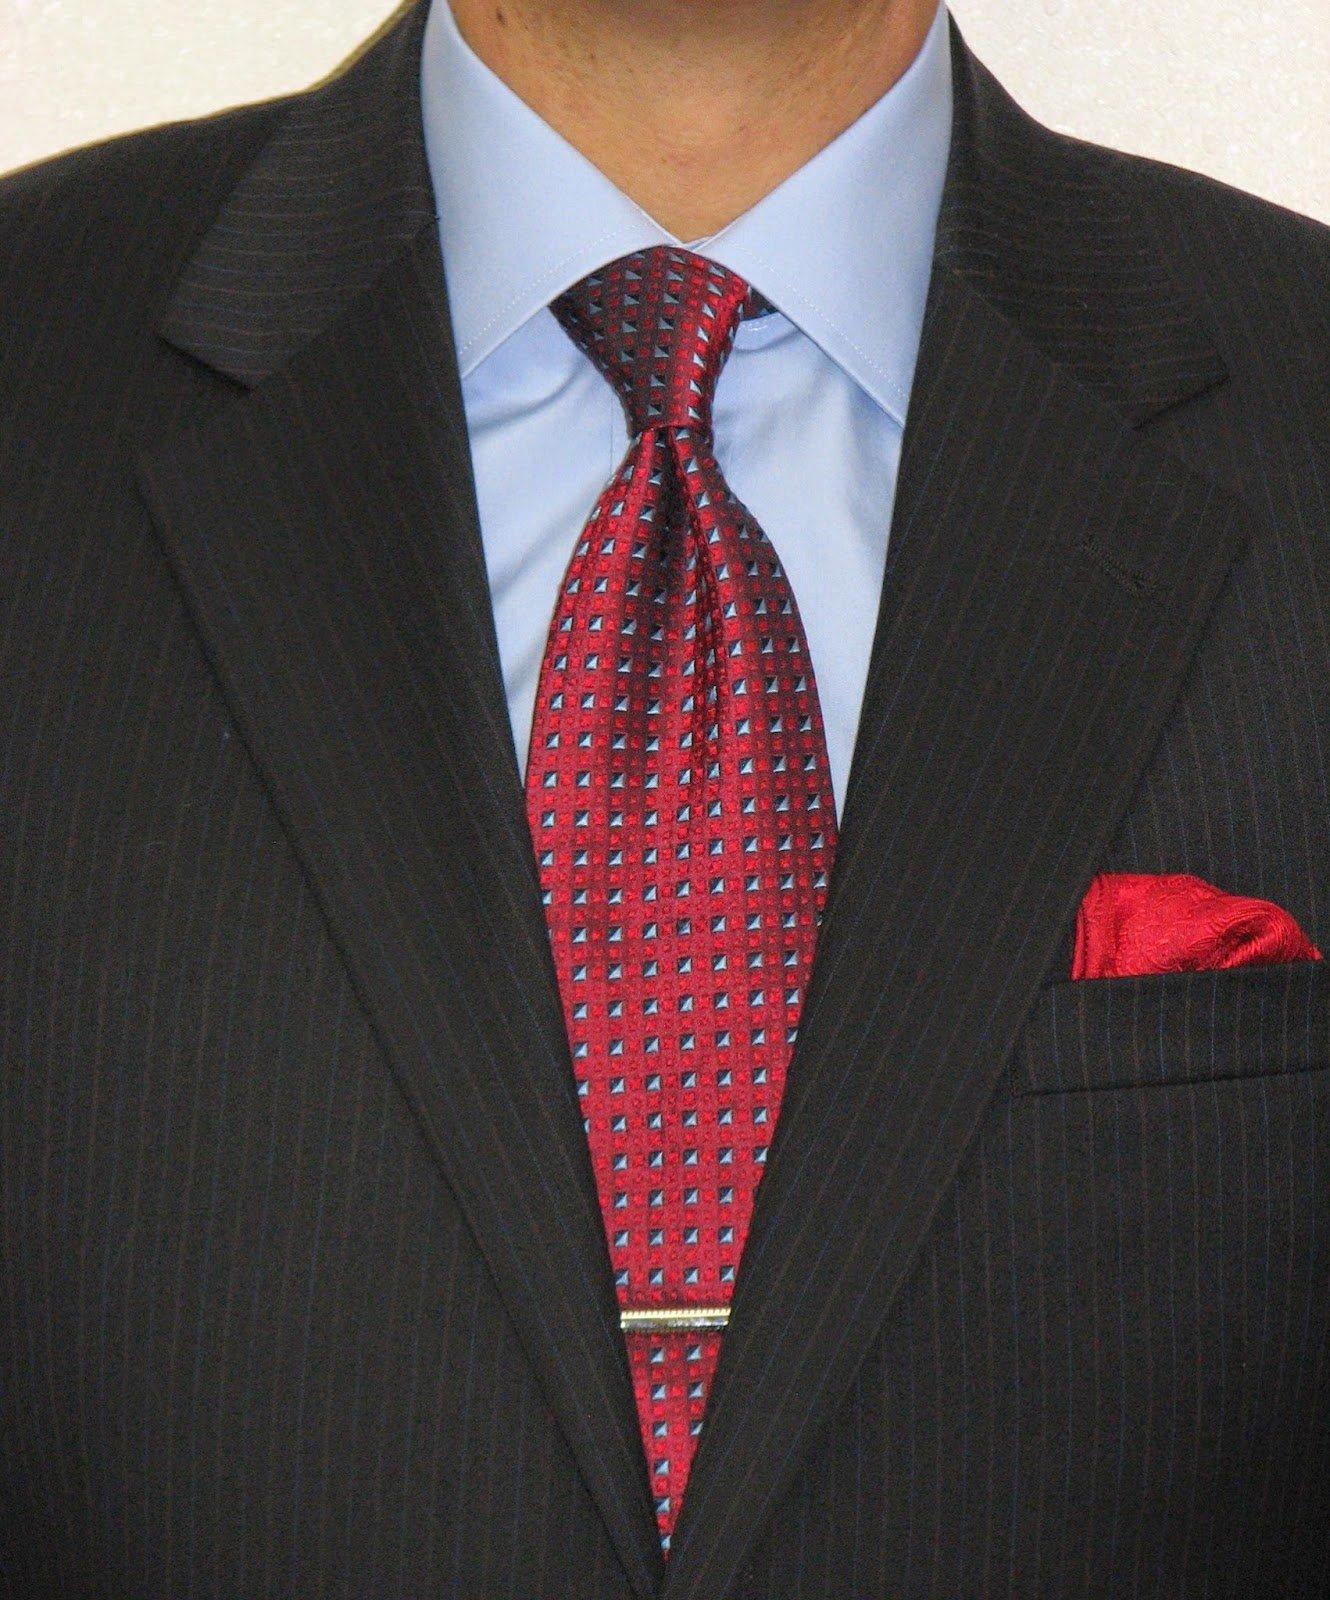 DIY Krawattenknoten für Anfänger